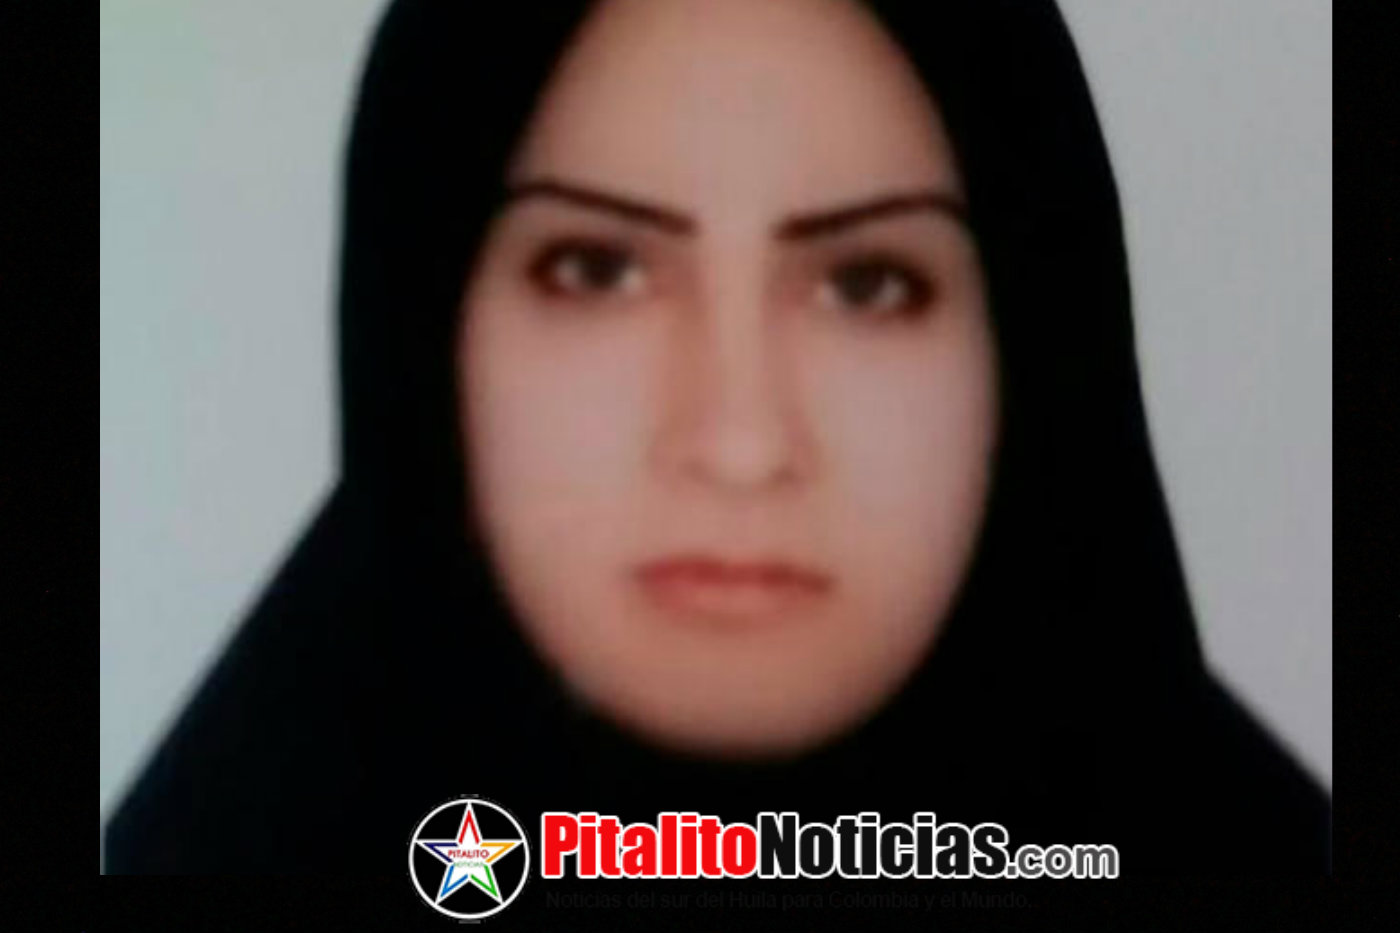 Googliercom Iran Search Date 2018 10 05 Onde Ketawa By Dapur Buamp039e Sf La Joven Kurda Zeinab Sekaanvand De 24 Aos Fue Ejecutada El Martes Por Las Autoridades Su Pas Como Culpable Del Asesinato Esposo En 2012